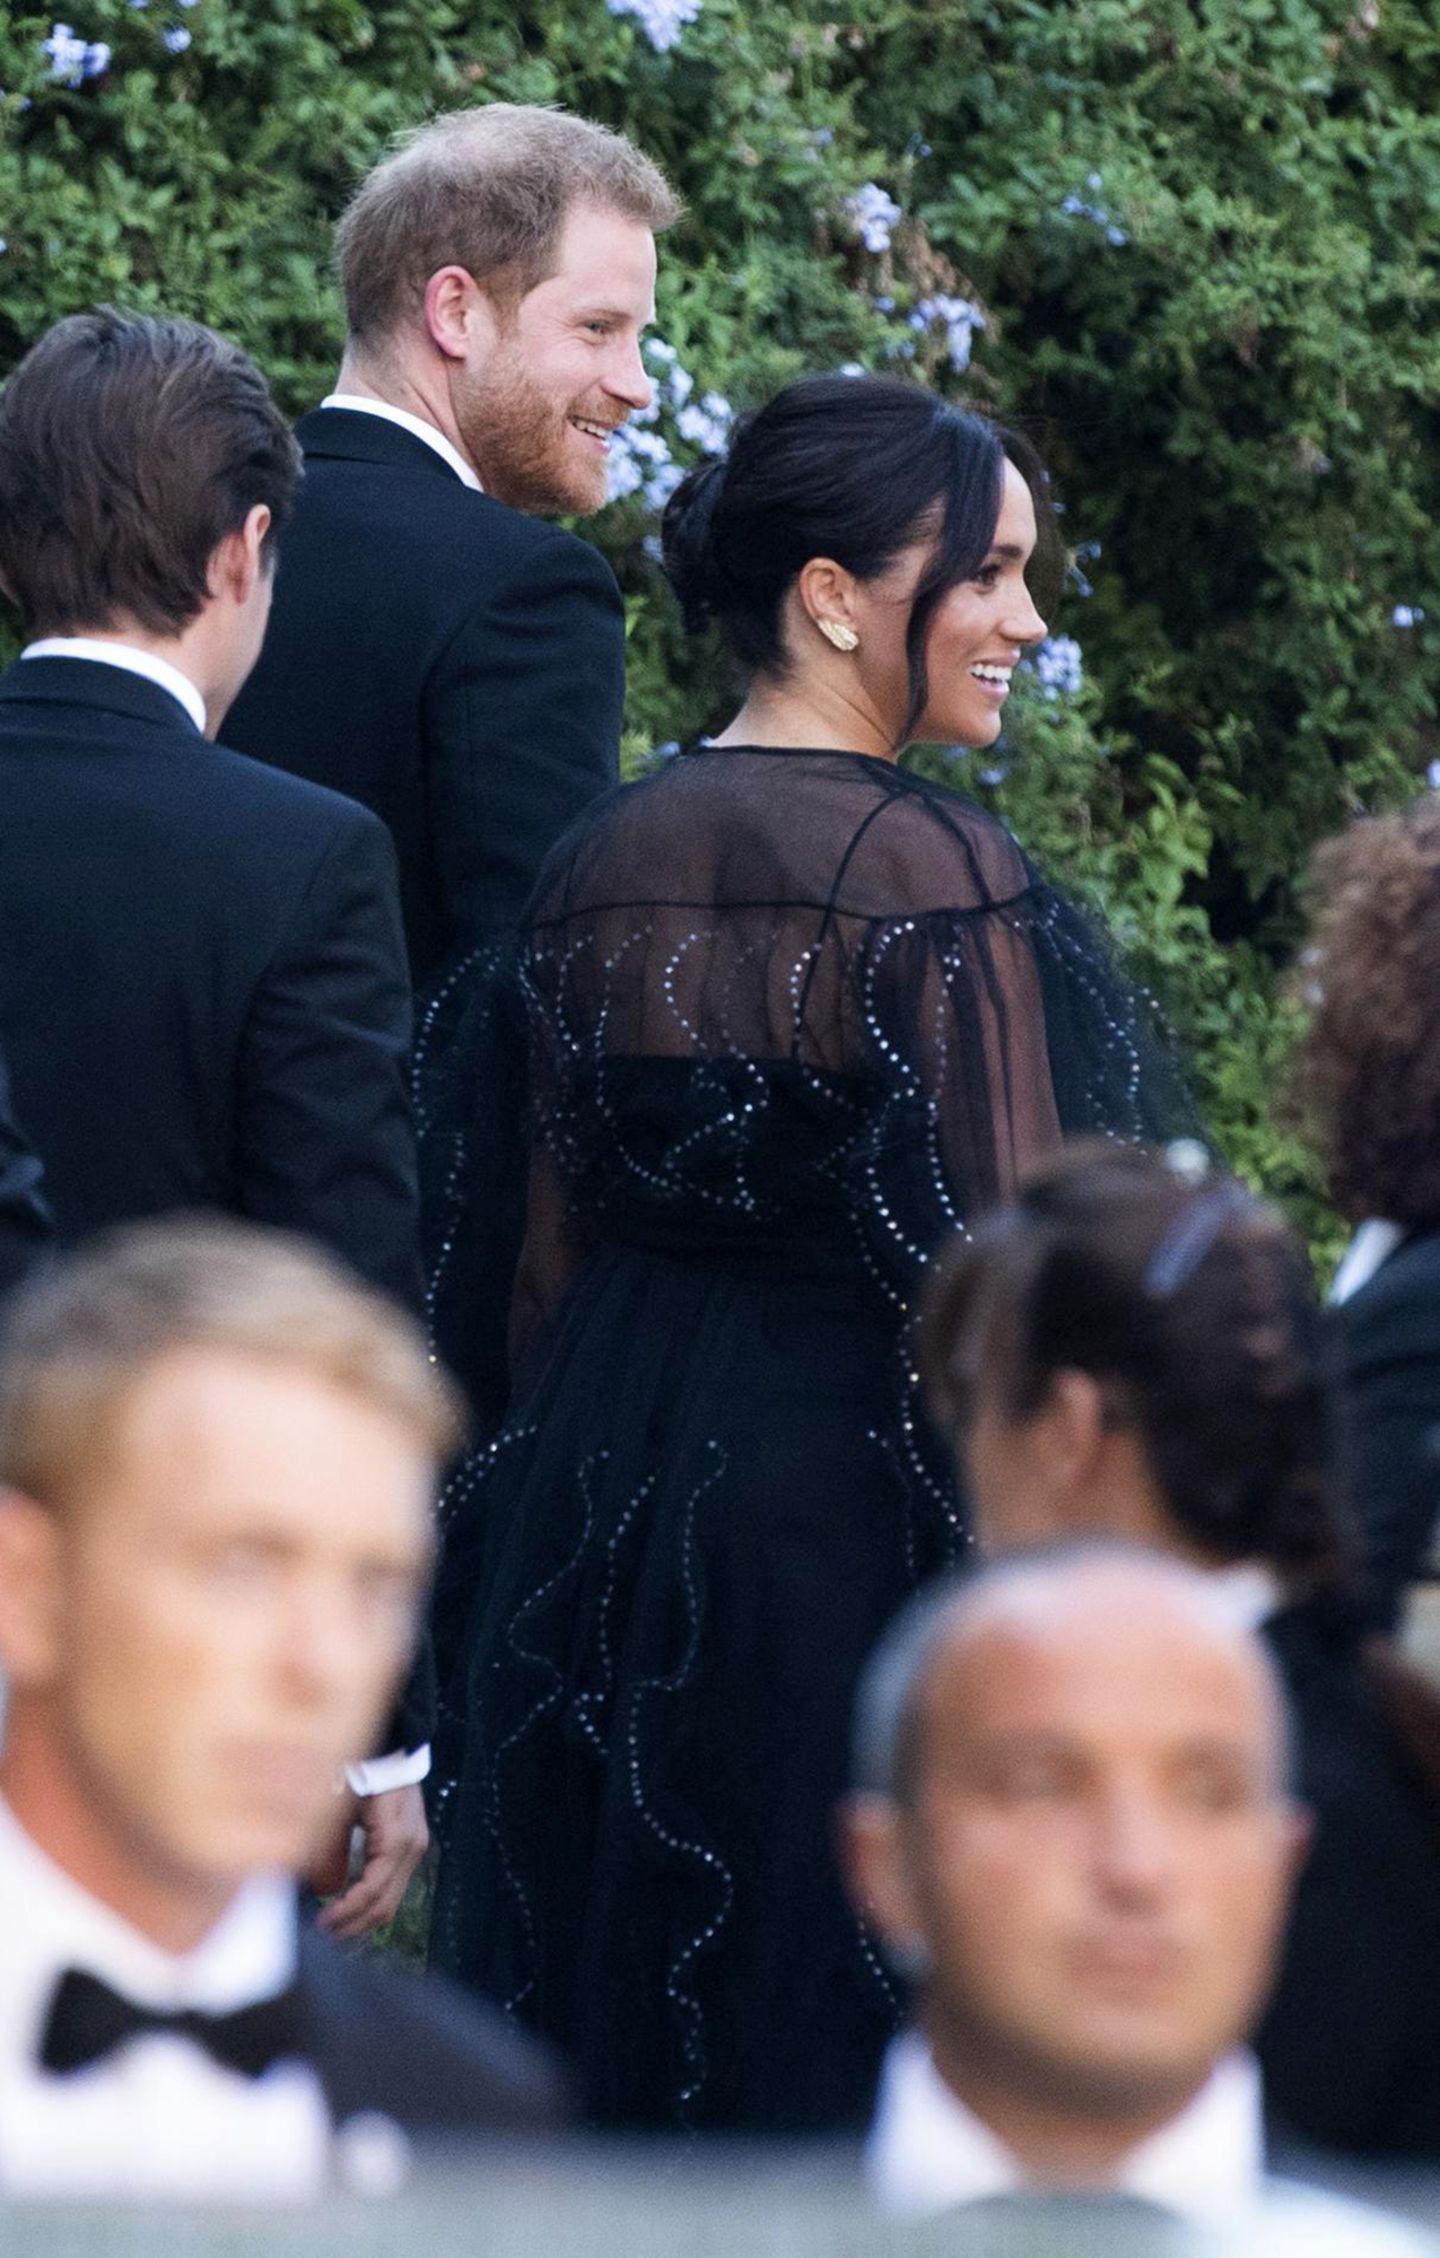 Wow, was für ein Kleid! Zur Hochzeit ihrer Freundin und Designerin Misha Nonoo in Rom wählte Meghan ein ganz besonderes Kleid aus – besonders schön, aber auch besonders kostspielig. Die halbtransparente Robe mit silbernen Pailletten ist aus dem Hause Valentino und war der Herzogin satte 12.000 Euro wert. Immerhin: Da es sich um einen privaten Termin handelte, zahlte die 38-Jährige das Traumkleid aus eigener Tasche.  Für Meghan, die gemeinsam mit Ehemann Prinz Harry anreiste, dürfte Nonoos Hochzeit ei ganz besonderer Termin gewesen sein. Immerhin soll es die Designerin gewesen sein, die Meghan und Harry einander vorstellte. Der Rest ist bekanntlich Geschichte!